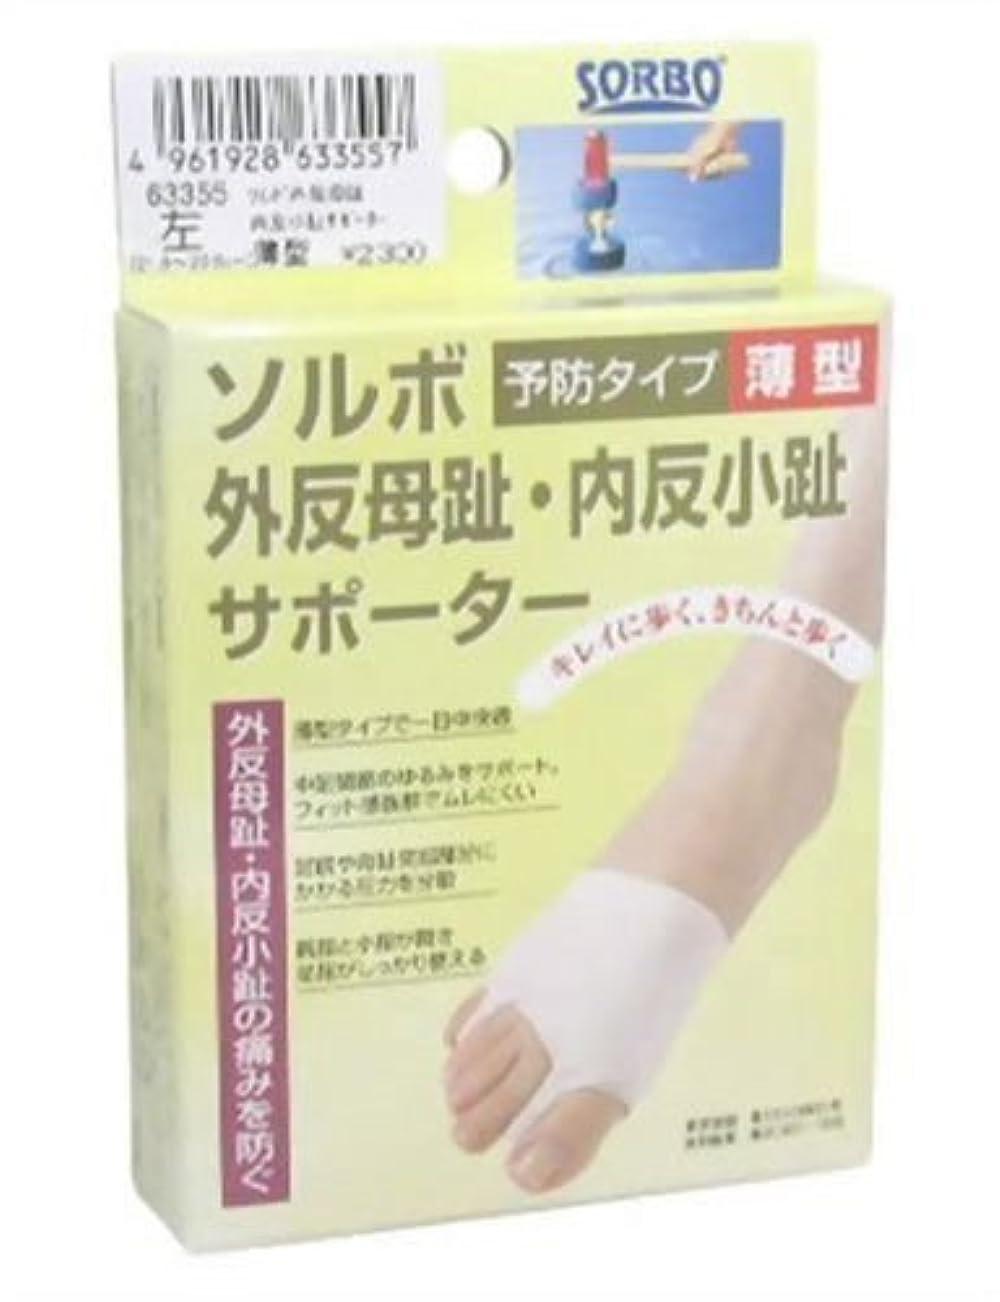 プリーツ武装解除移住するソルボ 外反母趾?内反小趾サポーター 薄型 Lサイズ 左足用